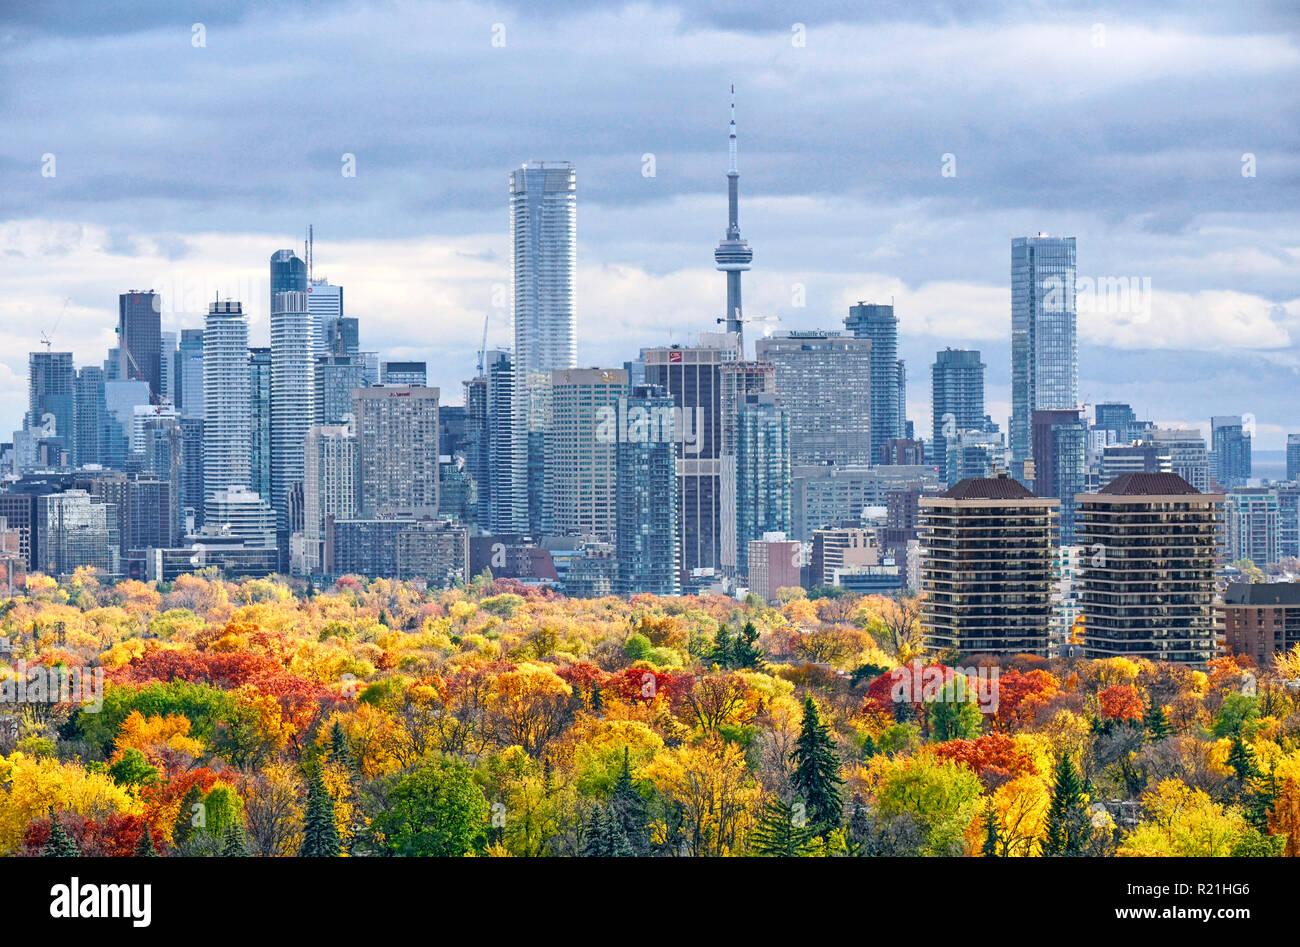 Toronto Herbst skyline einschließlich der wichtigsten Downtown und Midtown Wahrzeichen mit Baum fallen Farben in notunterstände Stockfoto